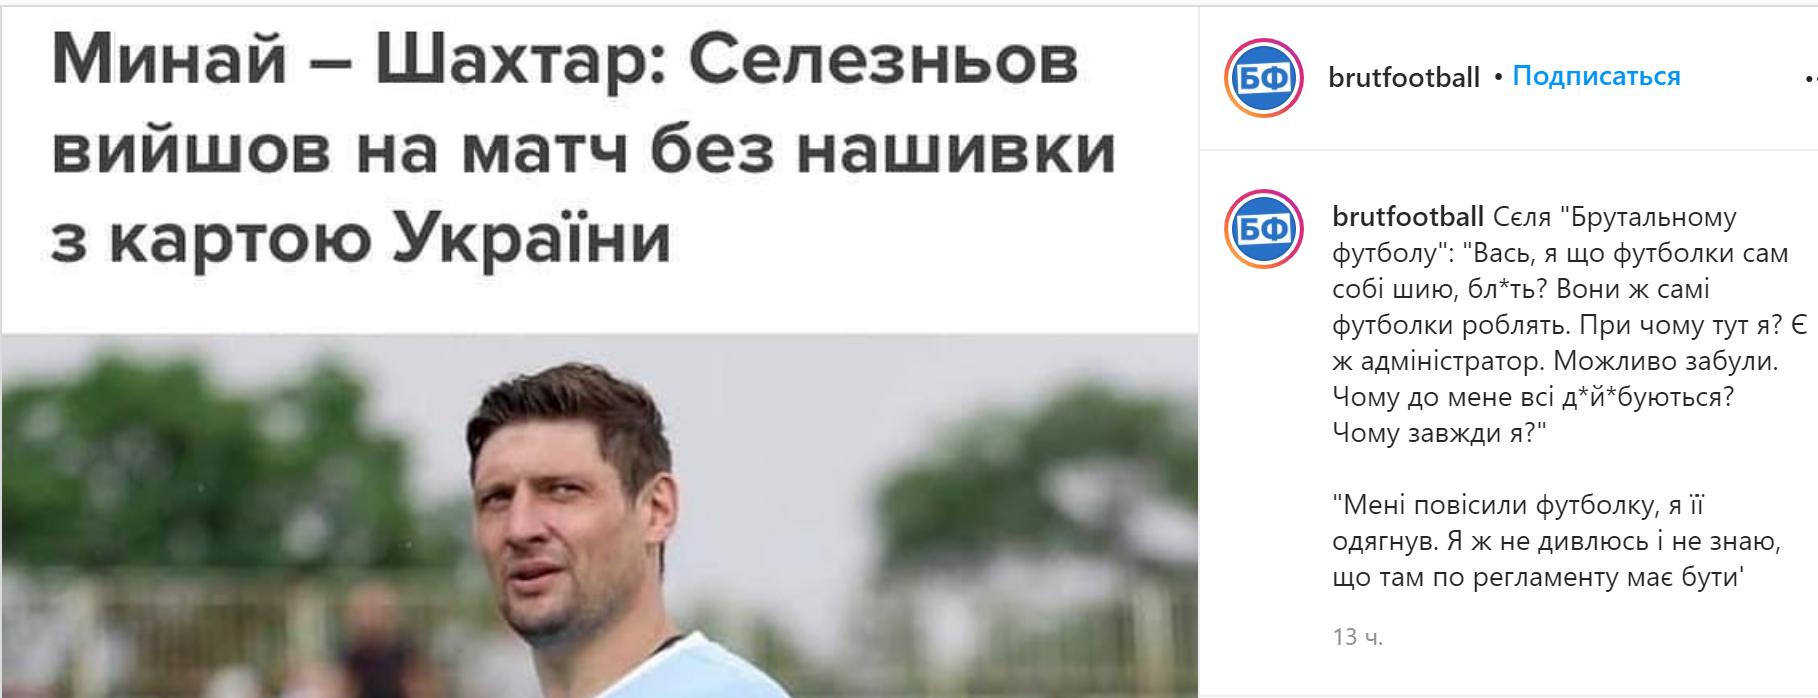 Евгений Селезнев прокомментировал отсутствие нашивки